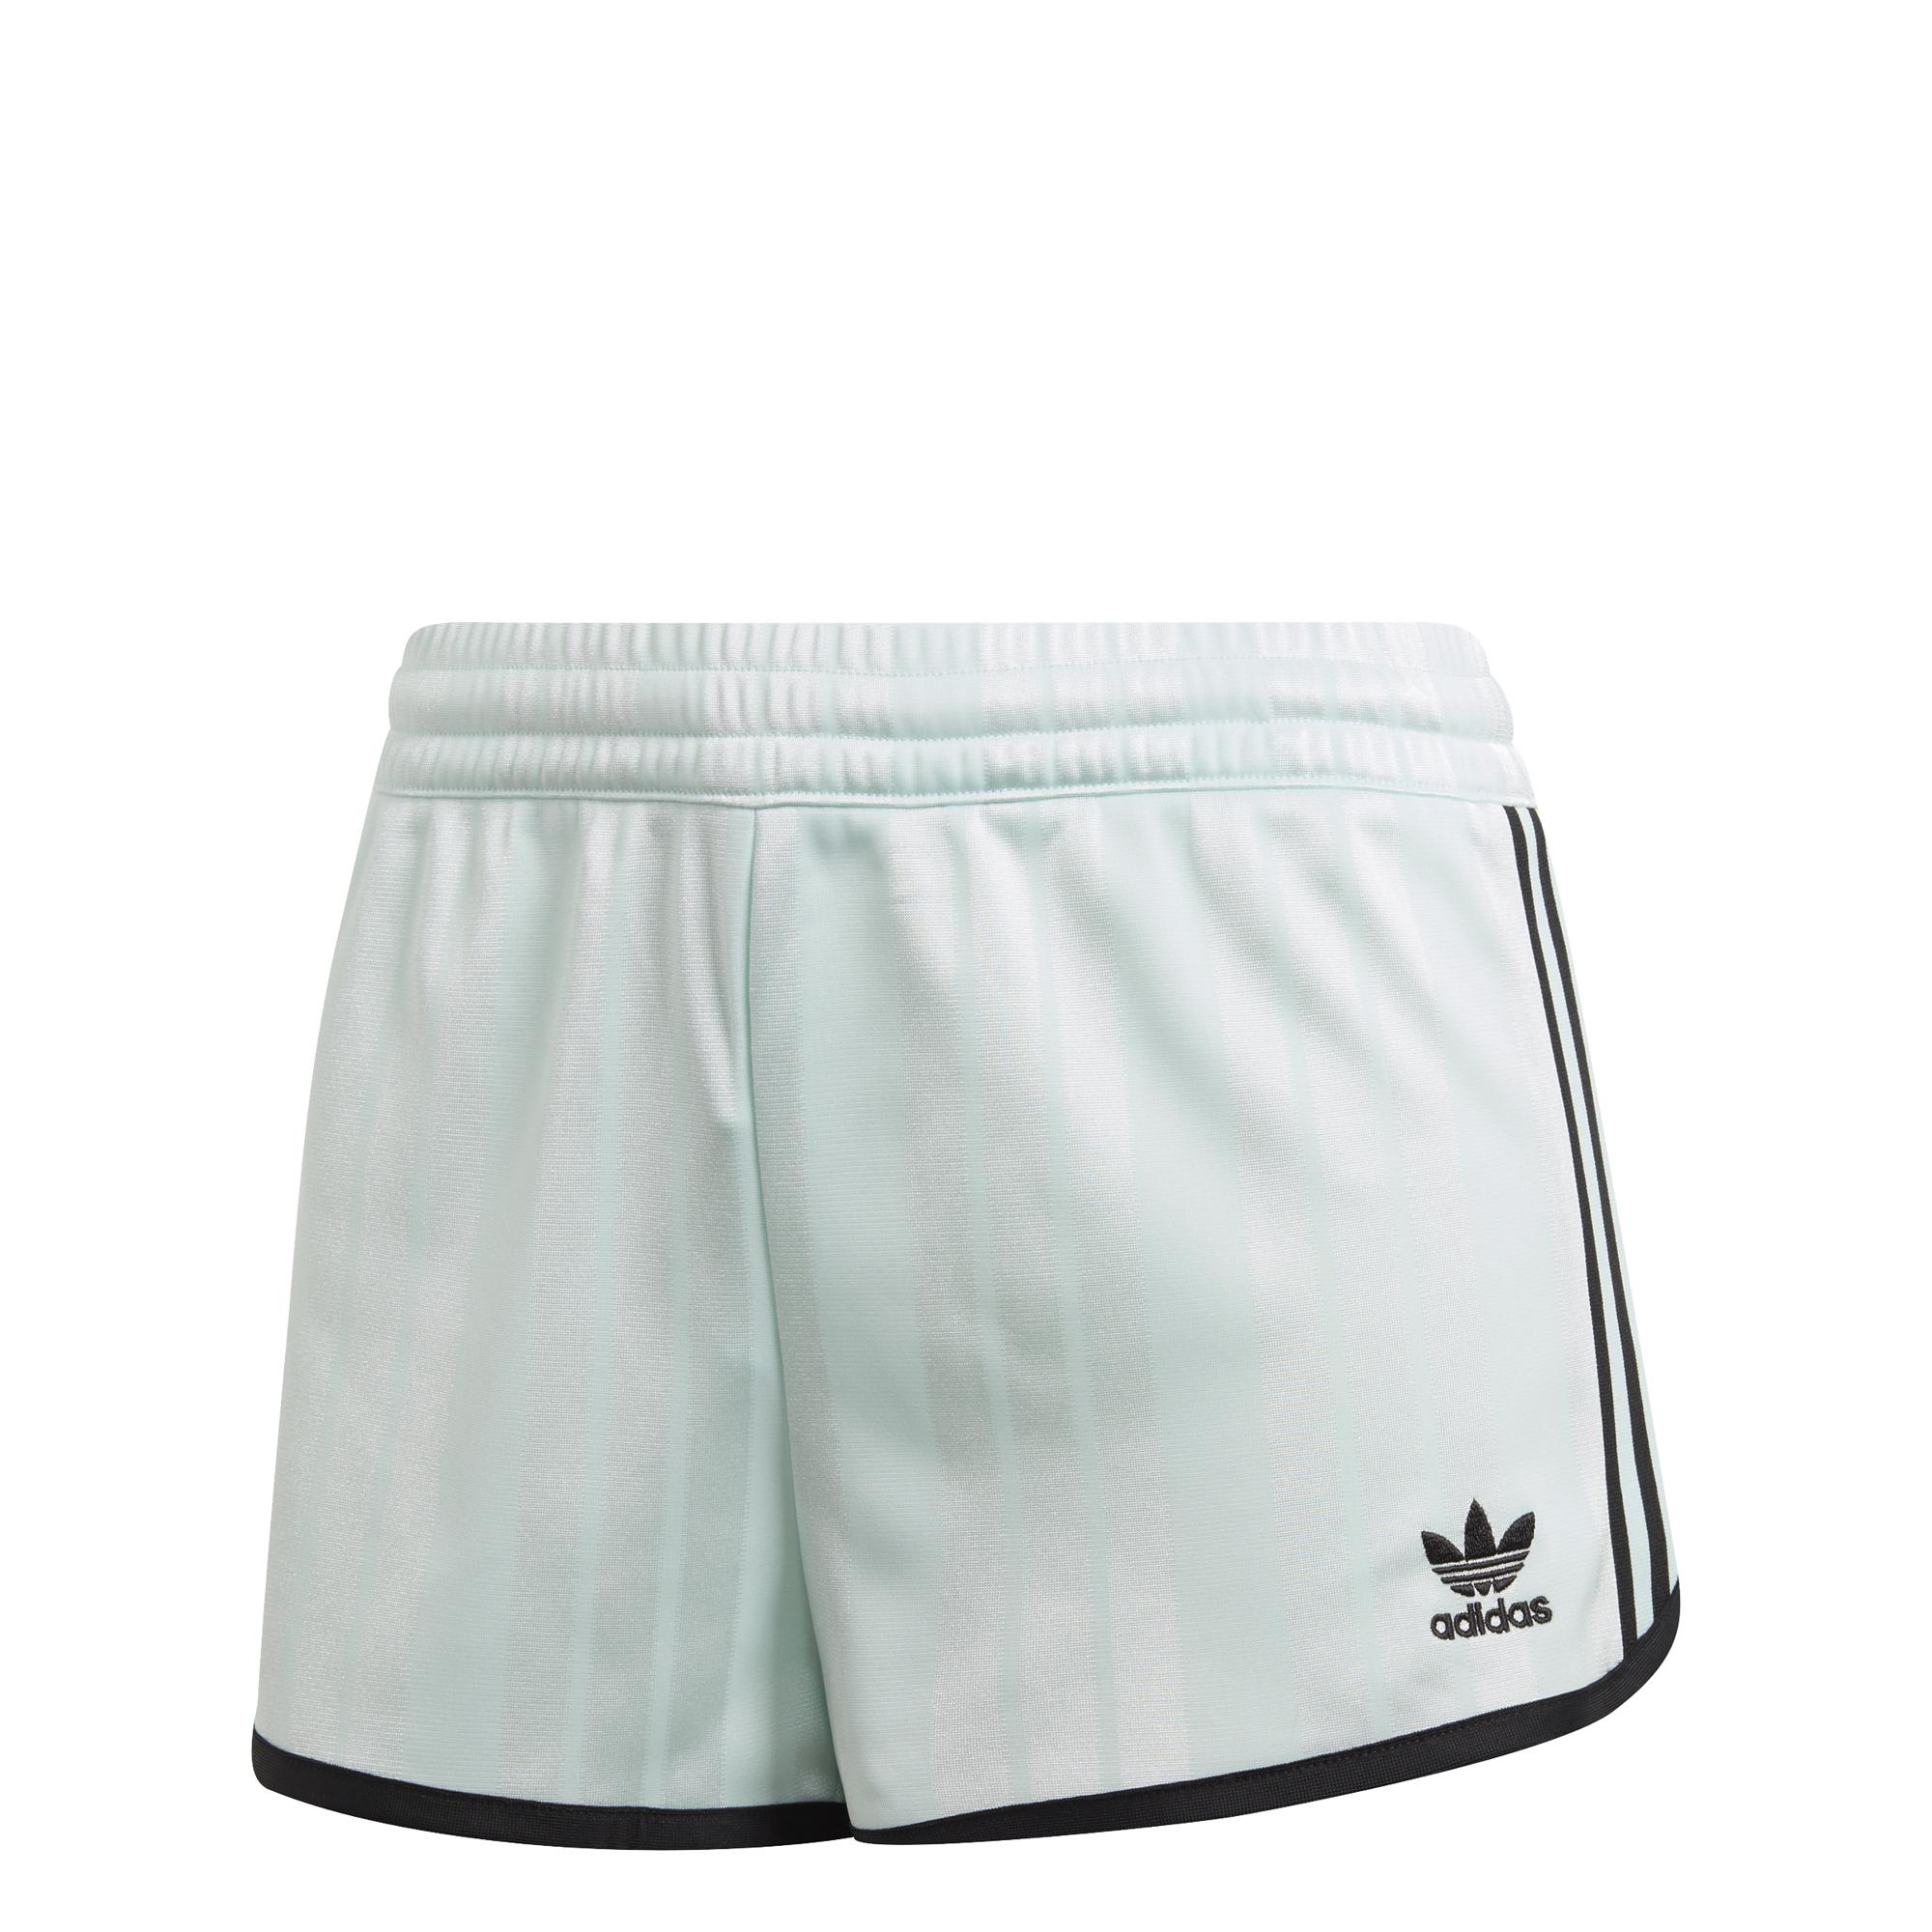 Adidas Court Short Adidas Court Adidas mujer para Short mujer para BrdthCsQx